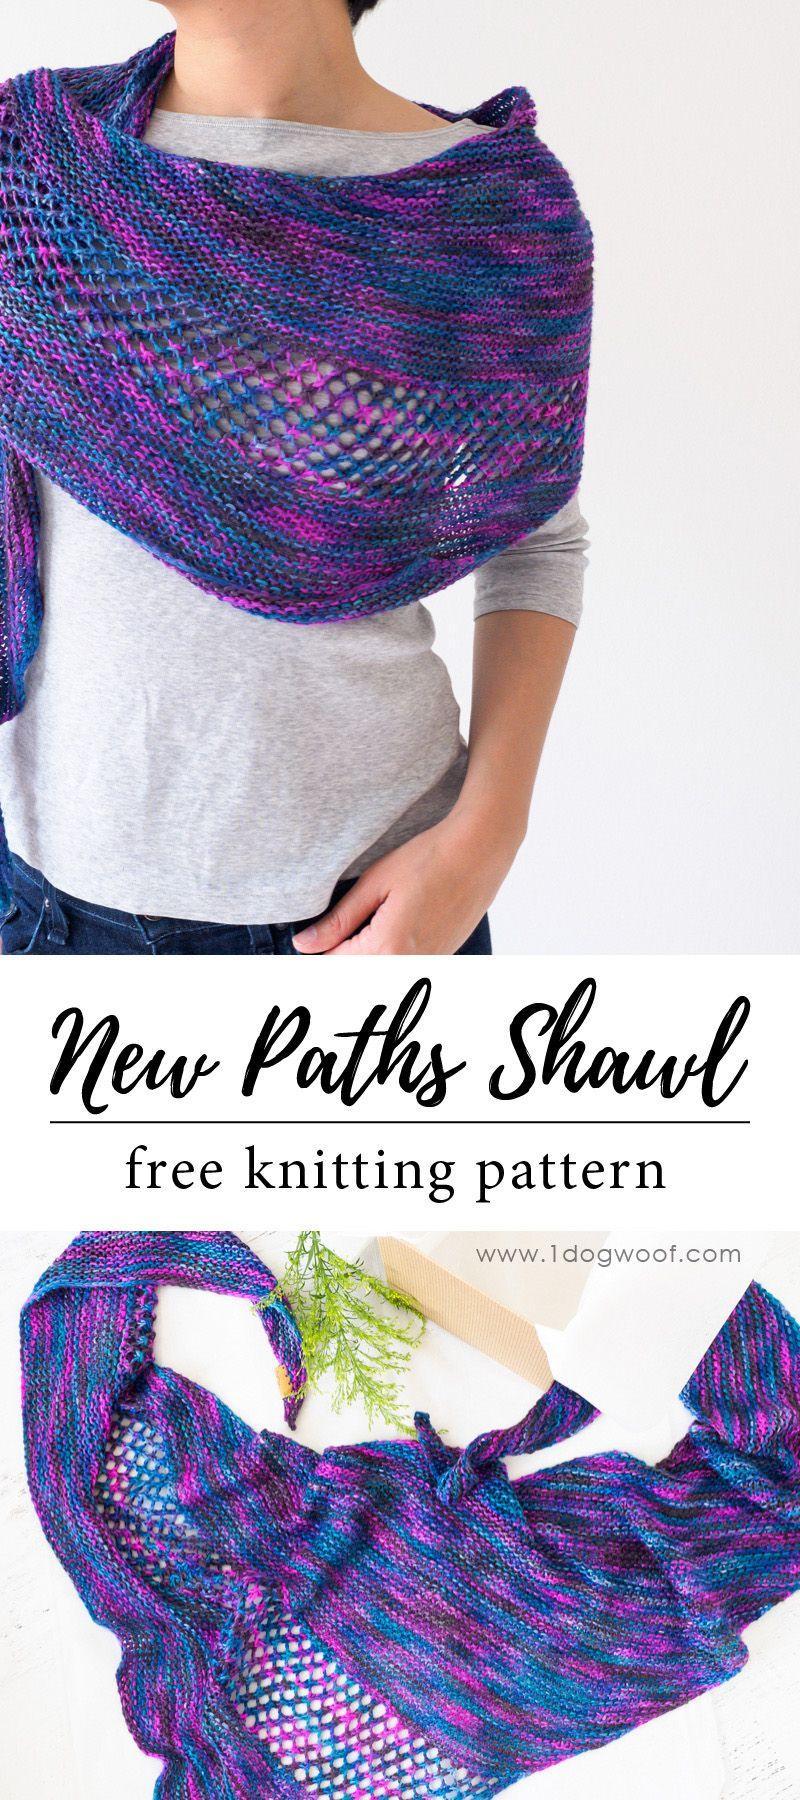 New Paths Shawl Free Knitting Pattern   Knitting   Pinterest   Chal ...